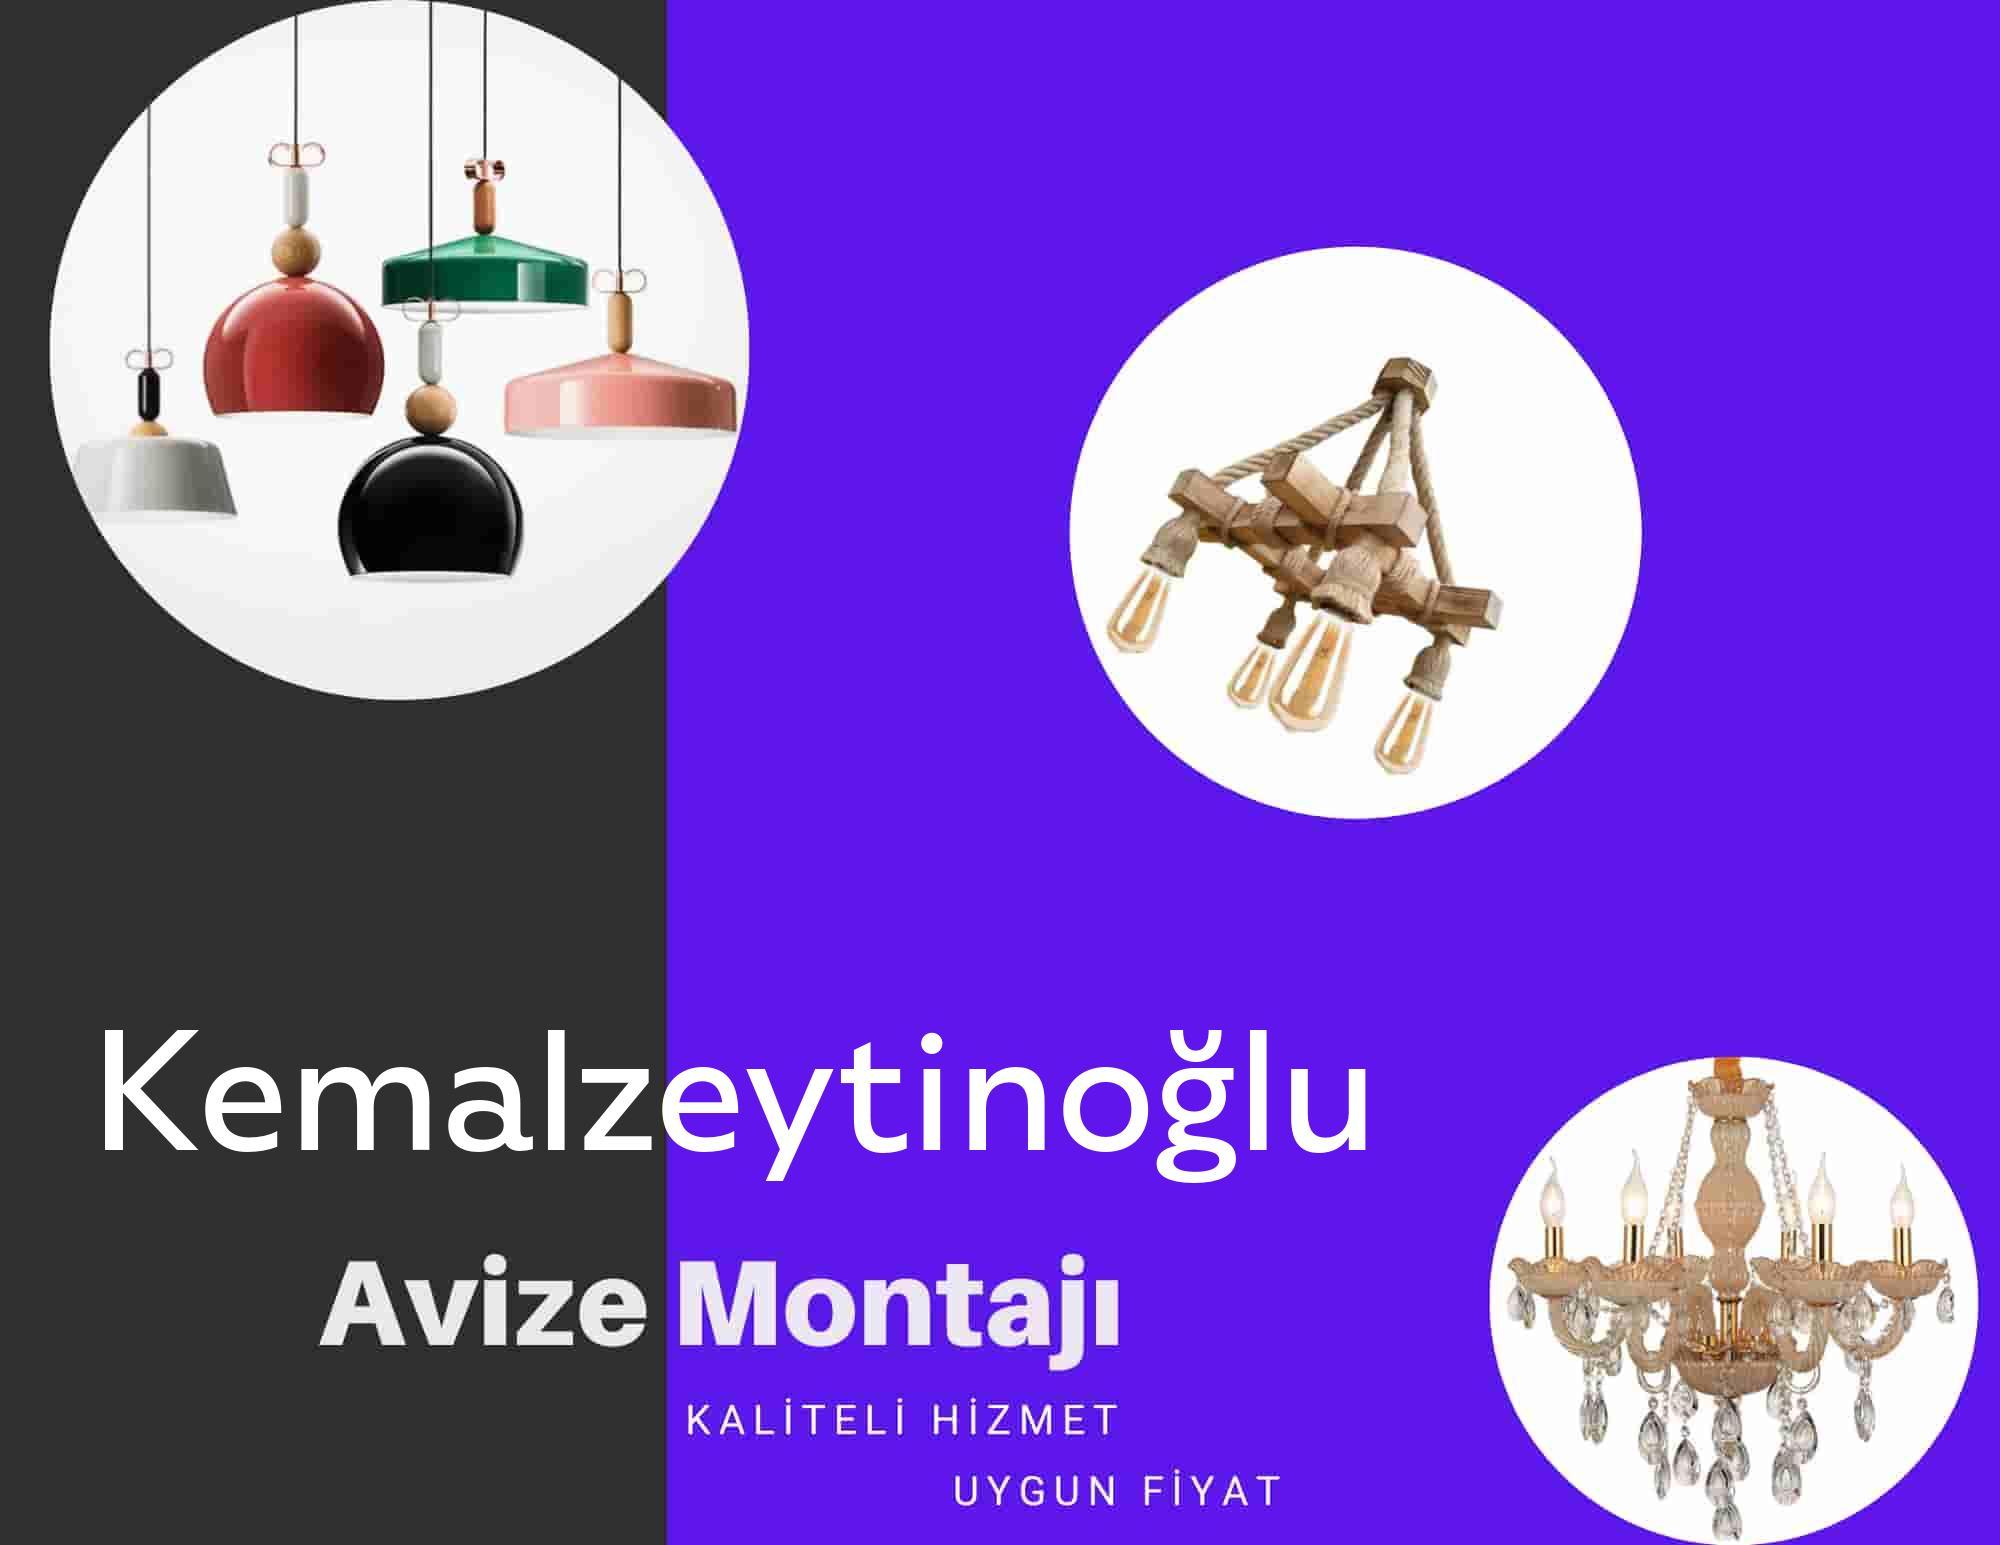 Kemalzeytinoğlu de avize montajı yapan yerler arıyorsanız elektrikcicagir anında size profesyonel avize montajı ustasını yönlendirir.